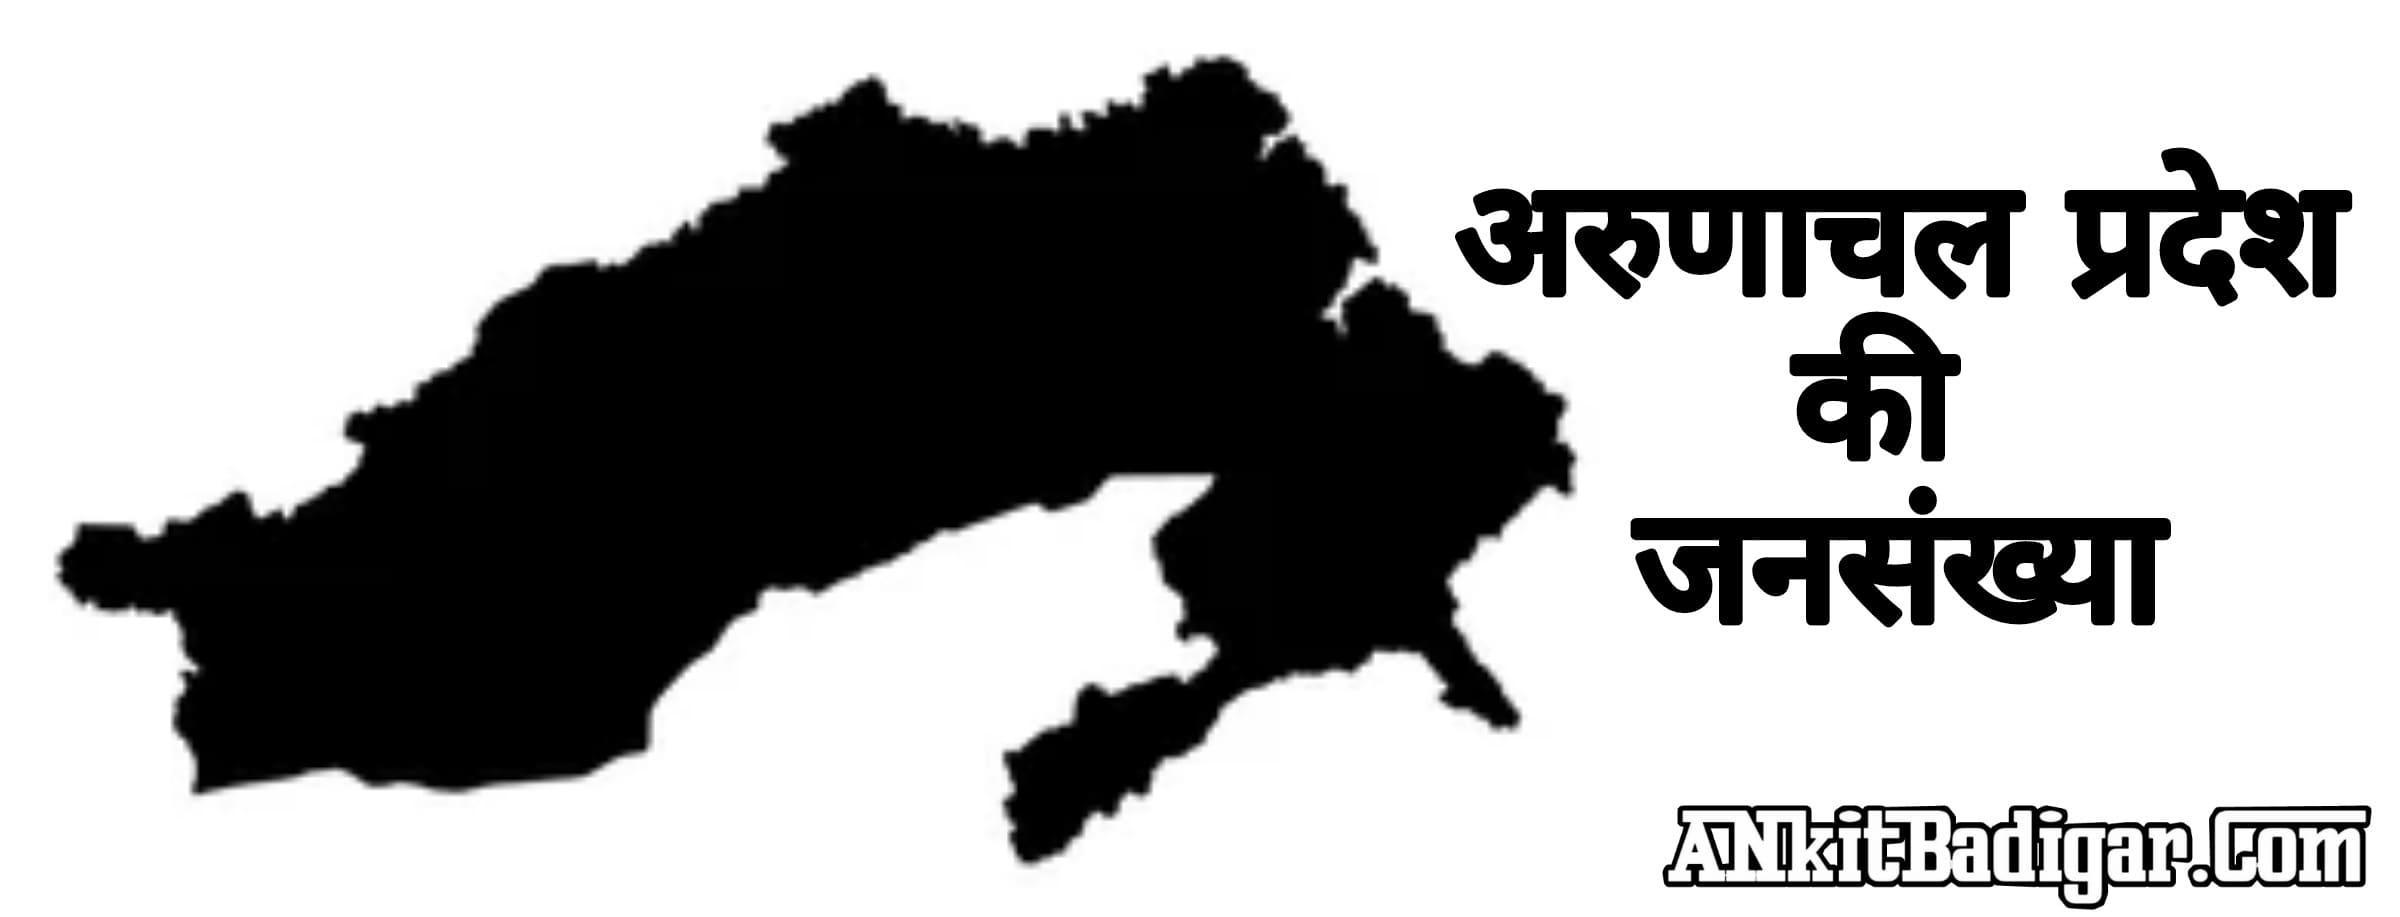 Arunachal pradesh Ki Jansankhya kitni hai